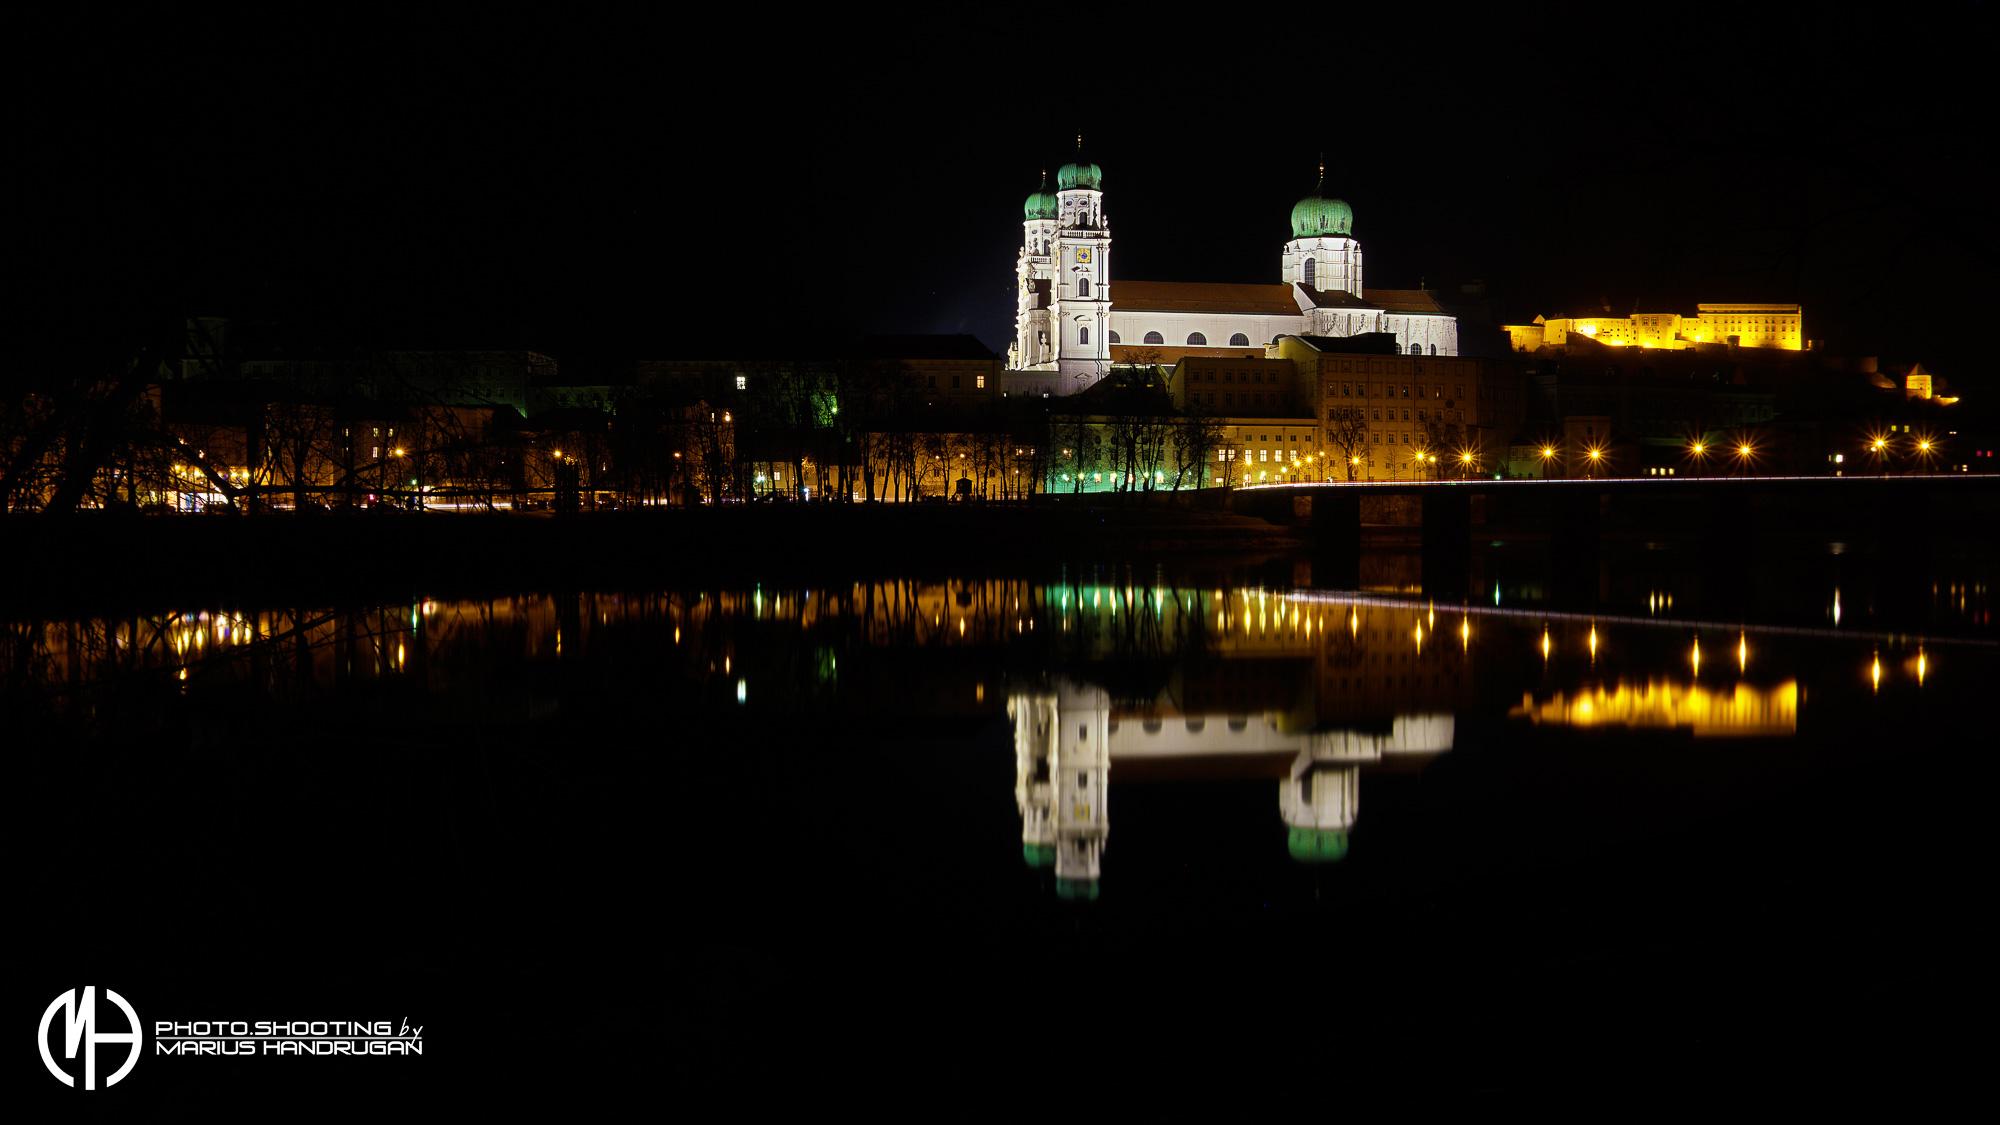 Dom und Oberhaus in Passau bei Nacht